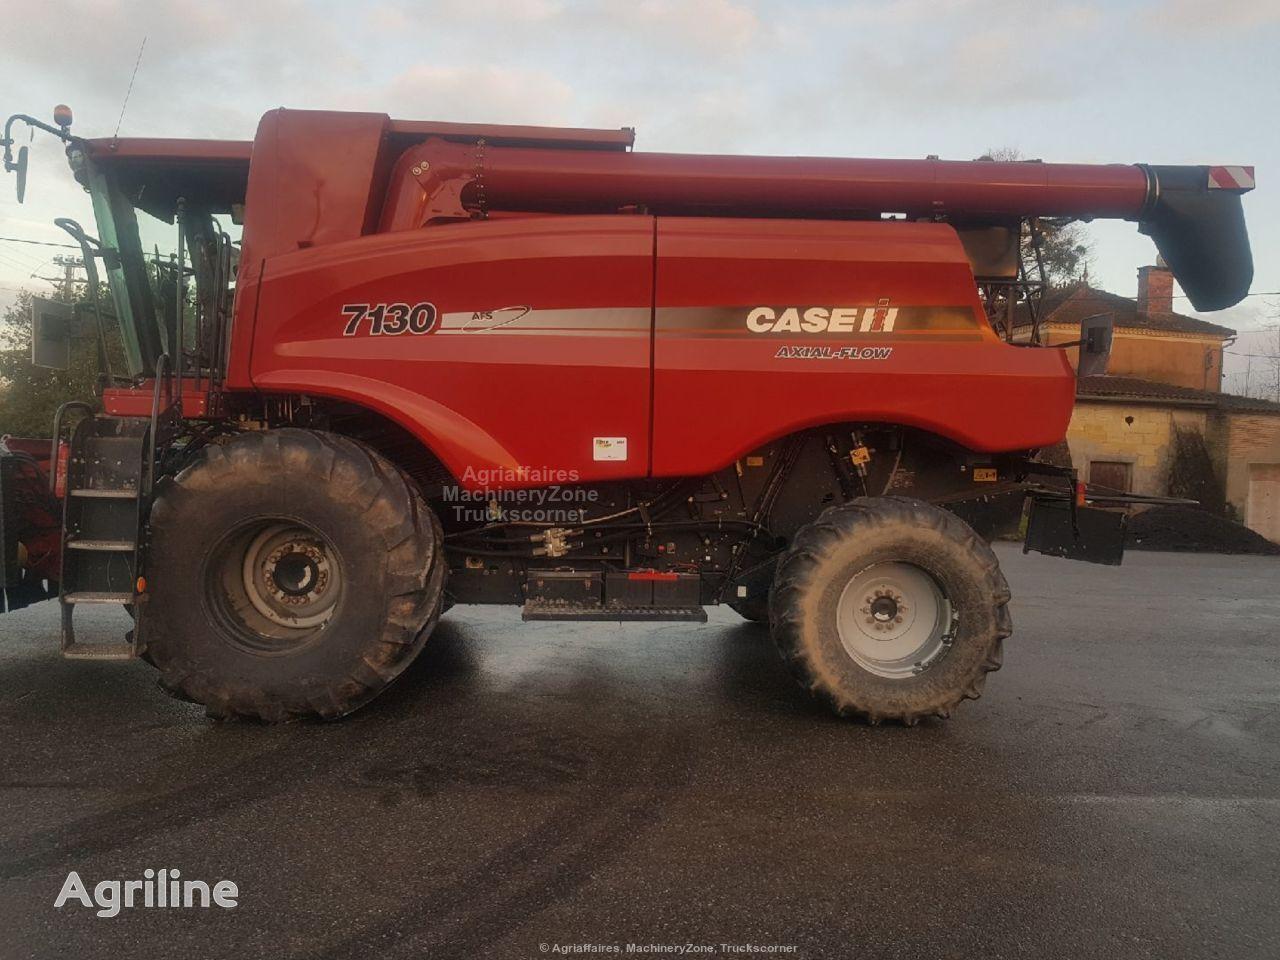 CASE IH 7130 grain harvester